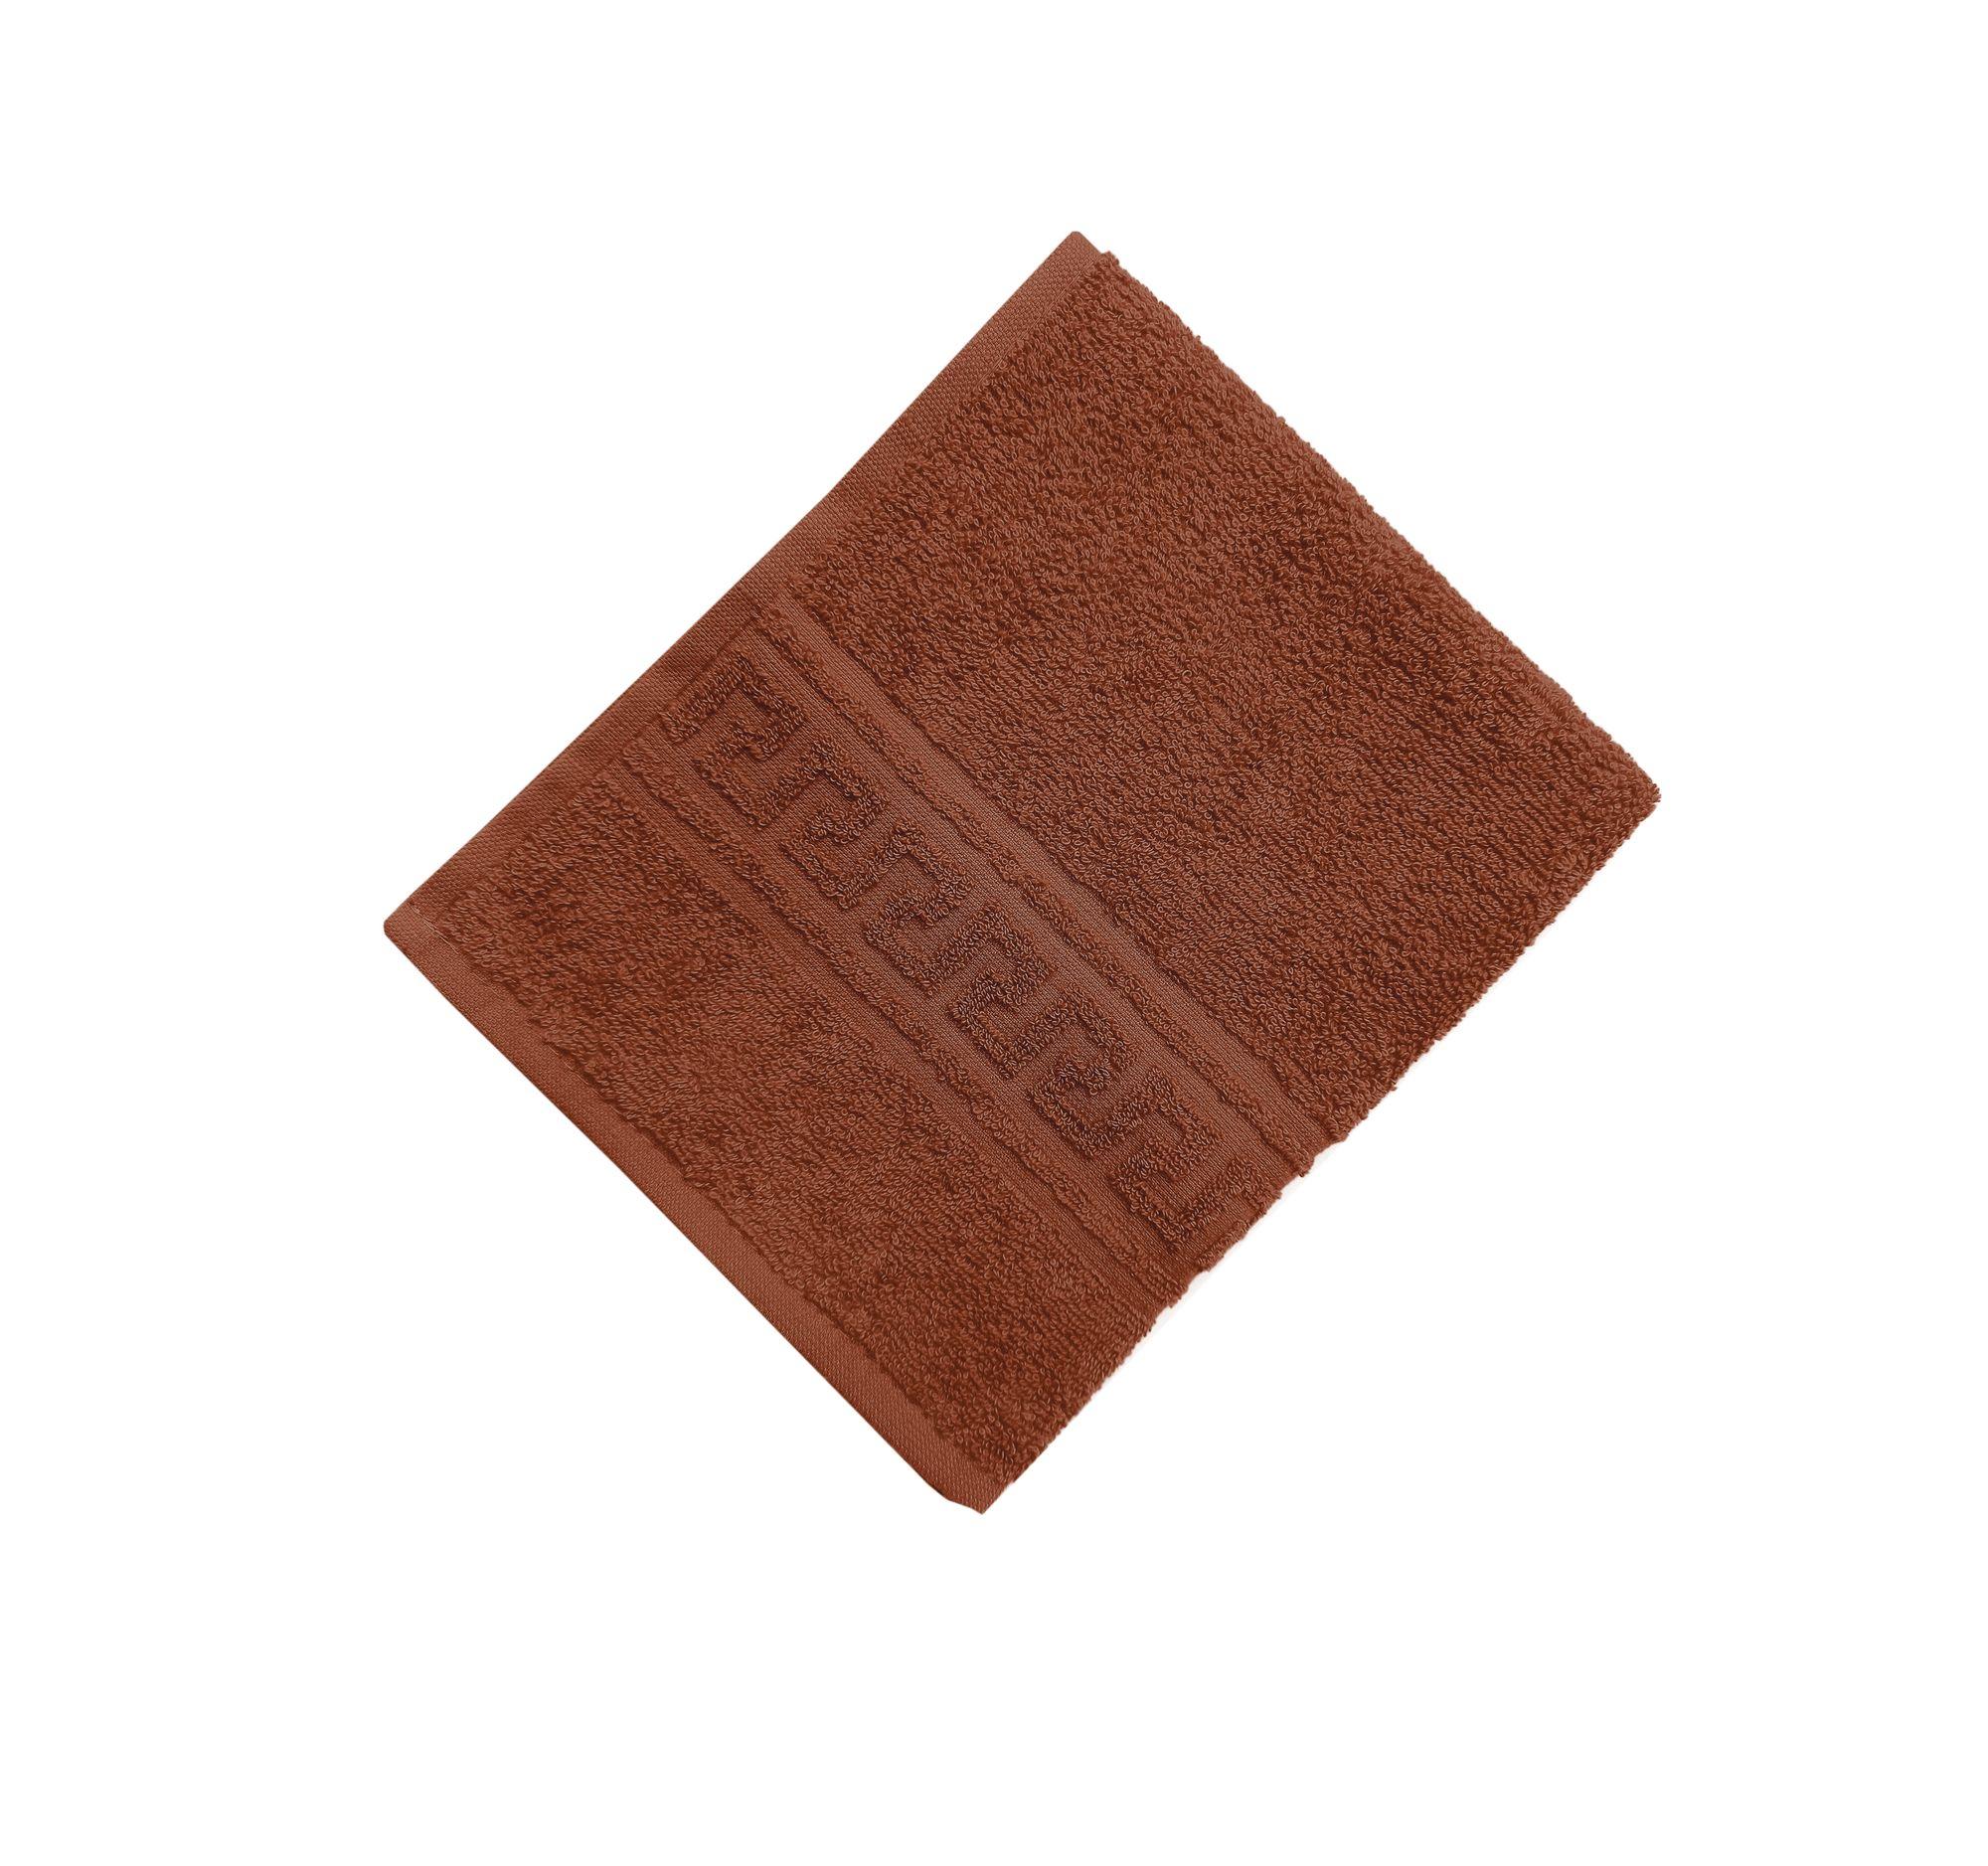 Махровое гладкокрашенное полотенце 70*140 см 380 г/м2 (Шоколадный)